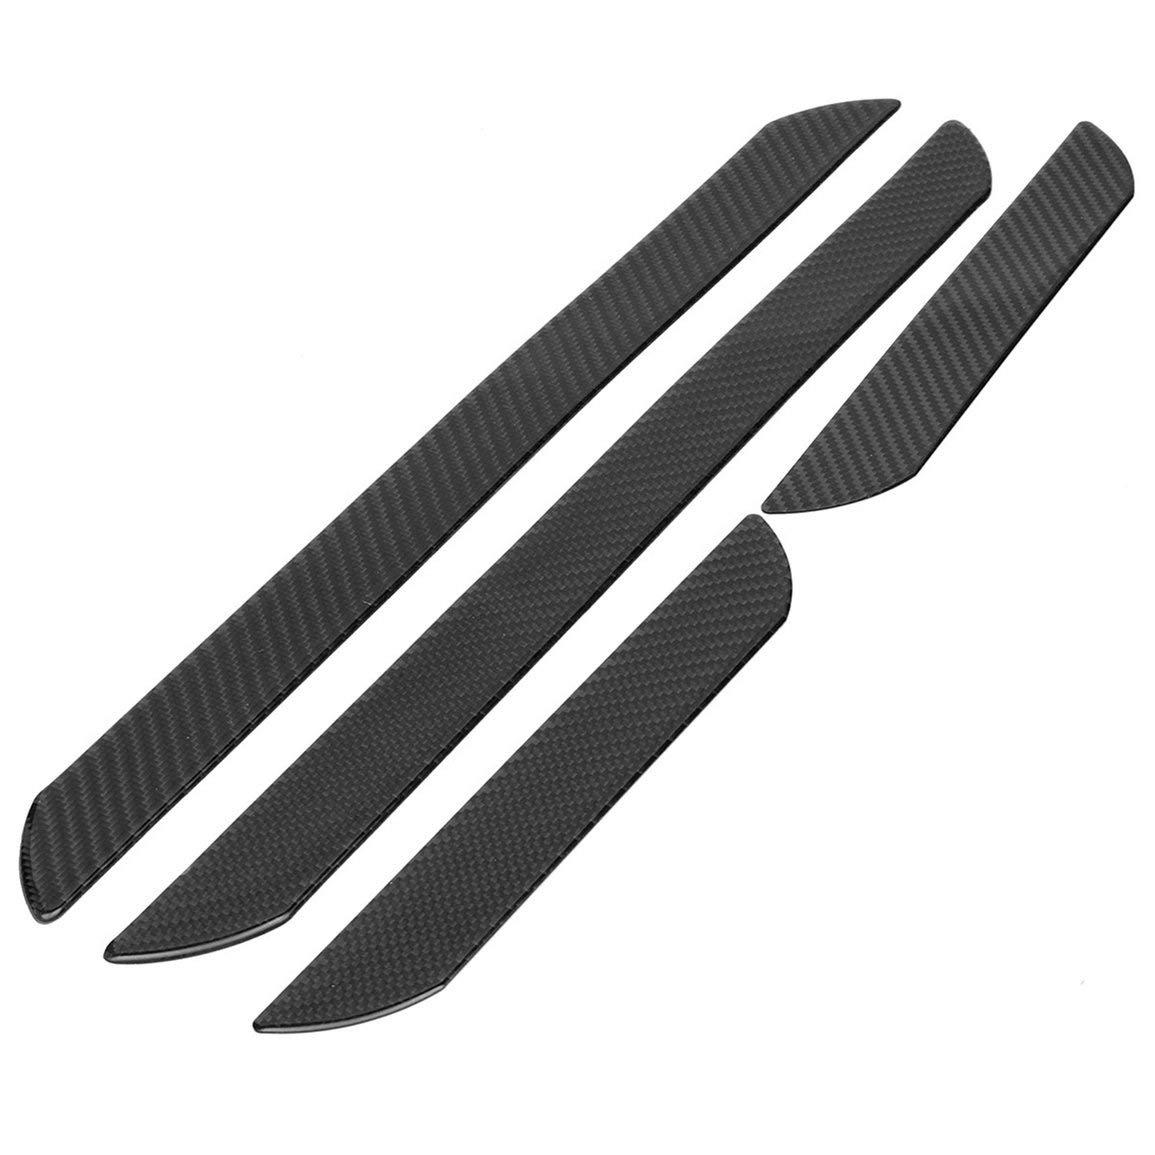 4pcs Set Carbon Faser Auto T/ür Verschleiss Sill Abdeckblech Panel Schritt Schutz Aufkleber Auto Willkommen Pedal Innen